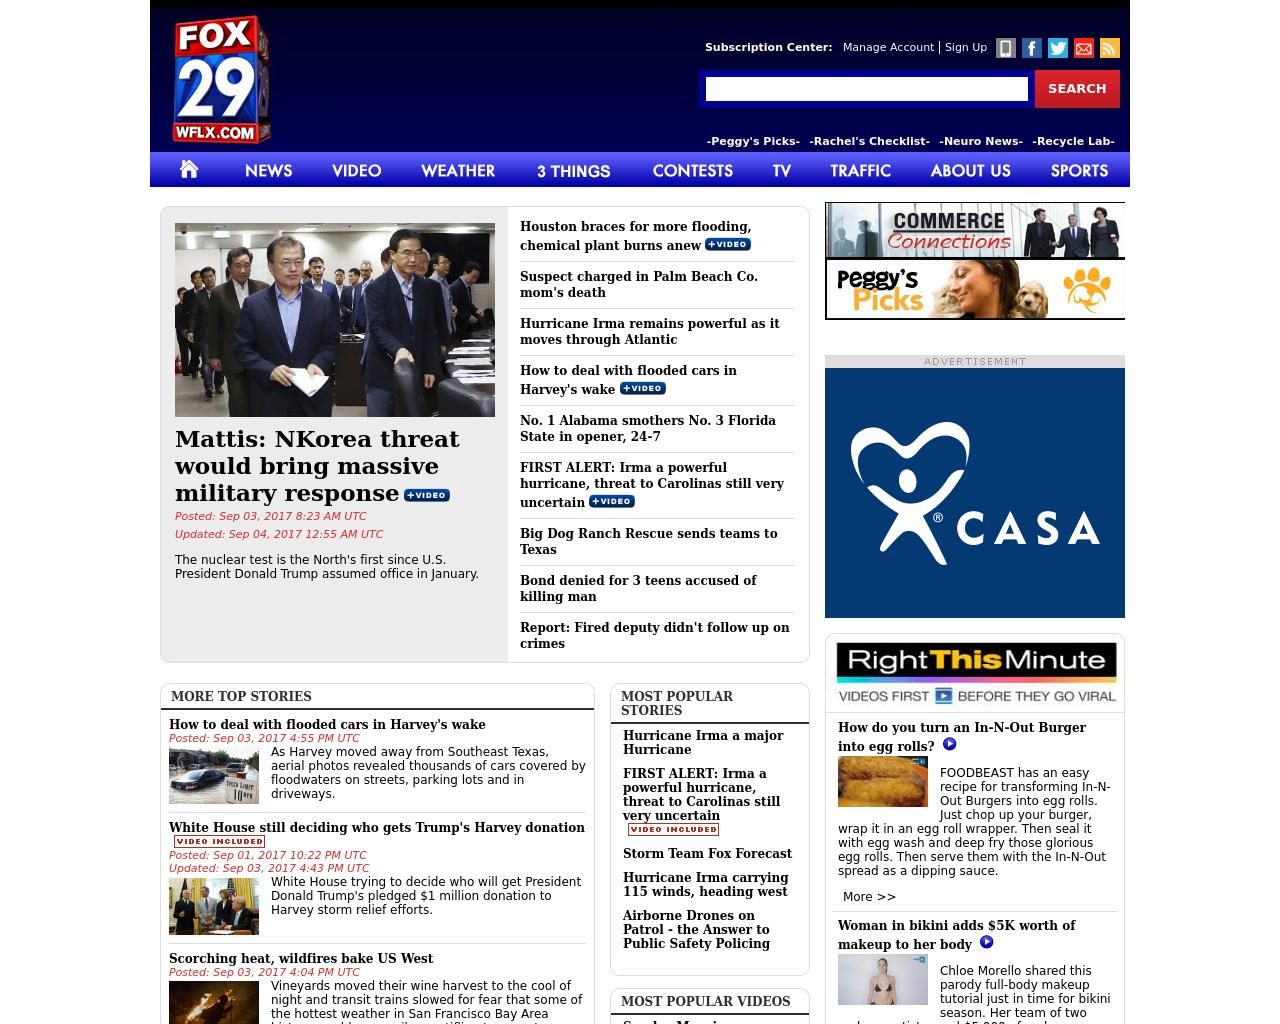 FOX-29-Wflx.com-Advertising-Reviews-Pricing